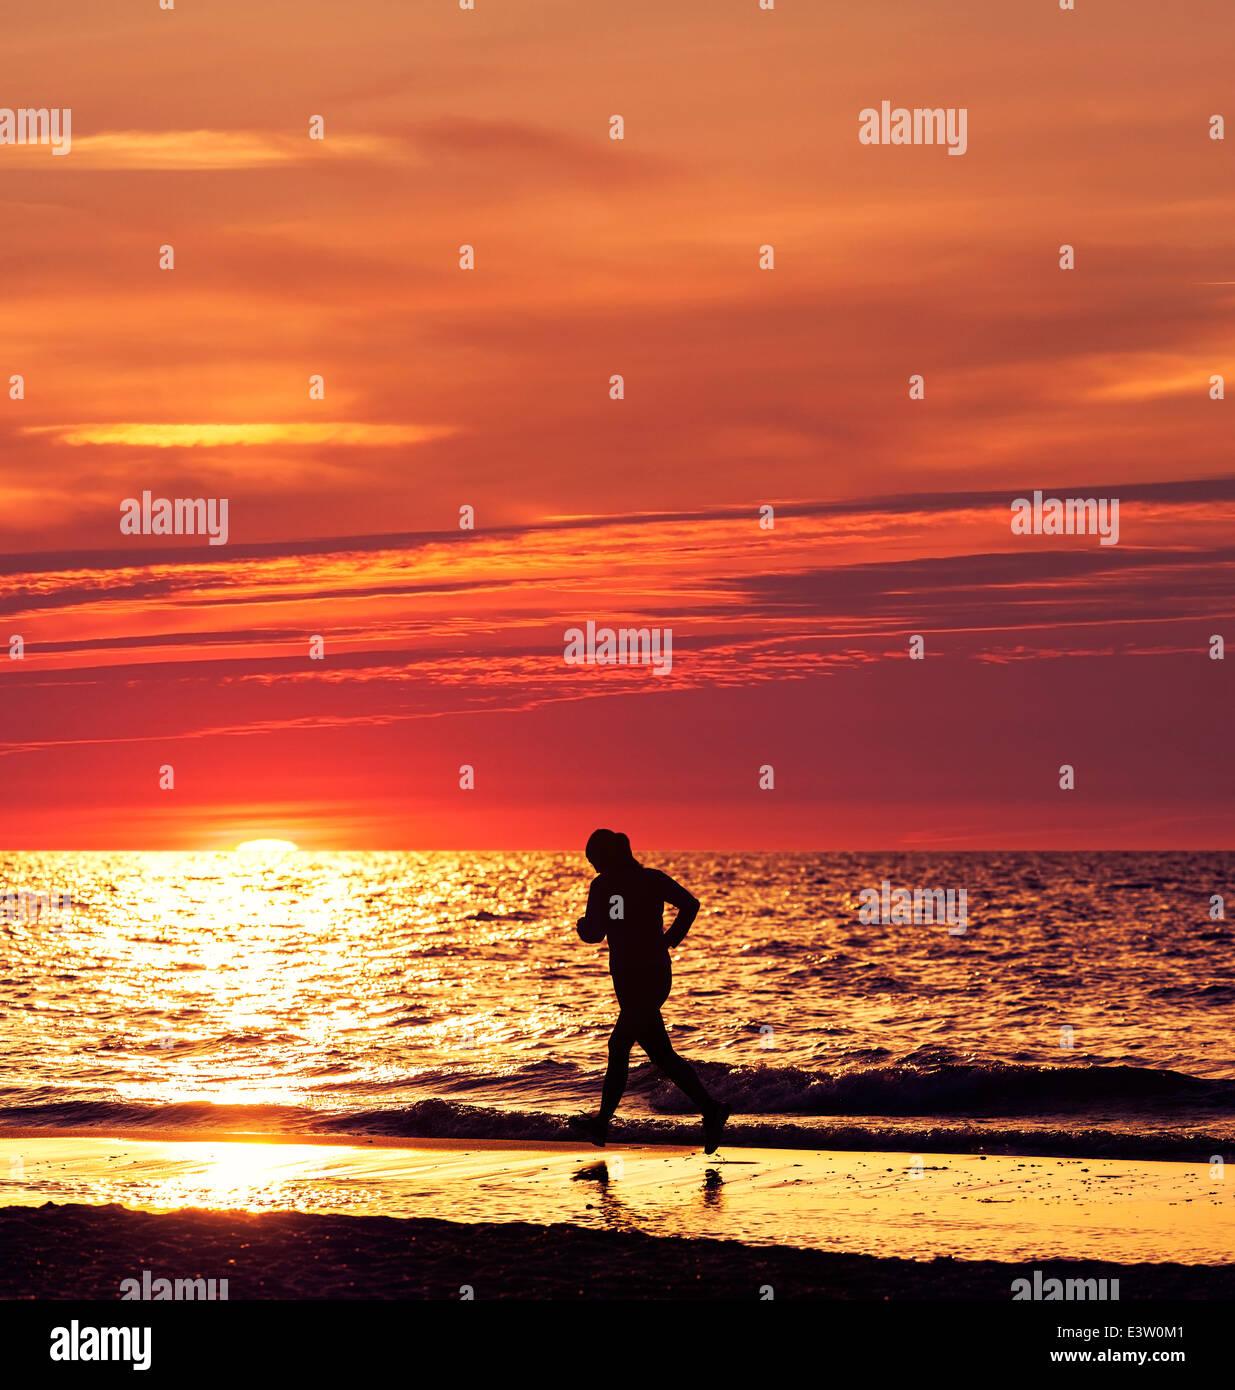 Frau mit wunderschönen Sonnenuntergang am Strand. Stockbild